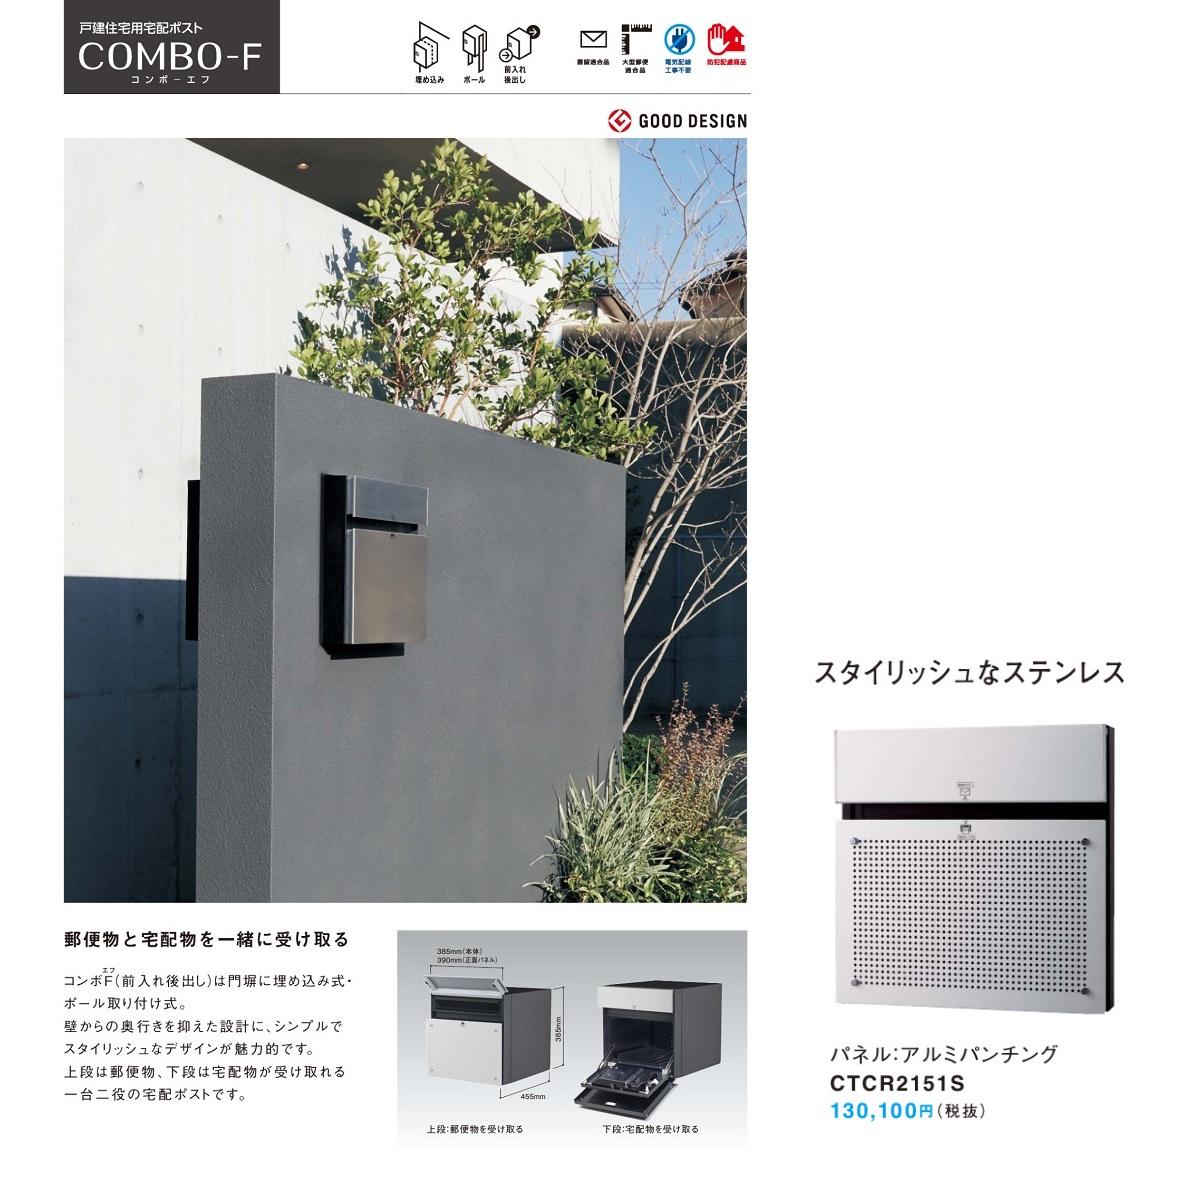 パナソニック エクステリア 宅配ポストCOMBO-F【CTCR2151S】